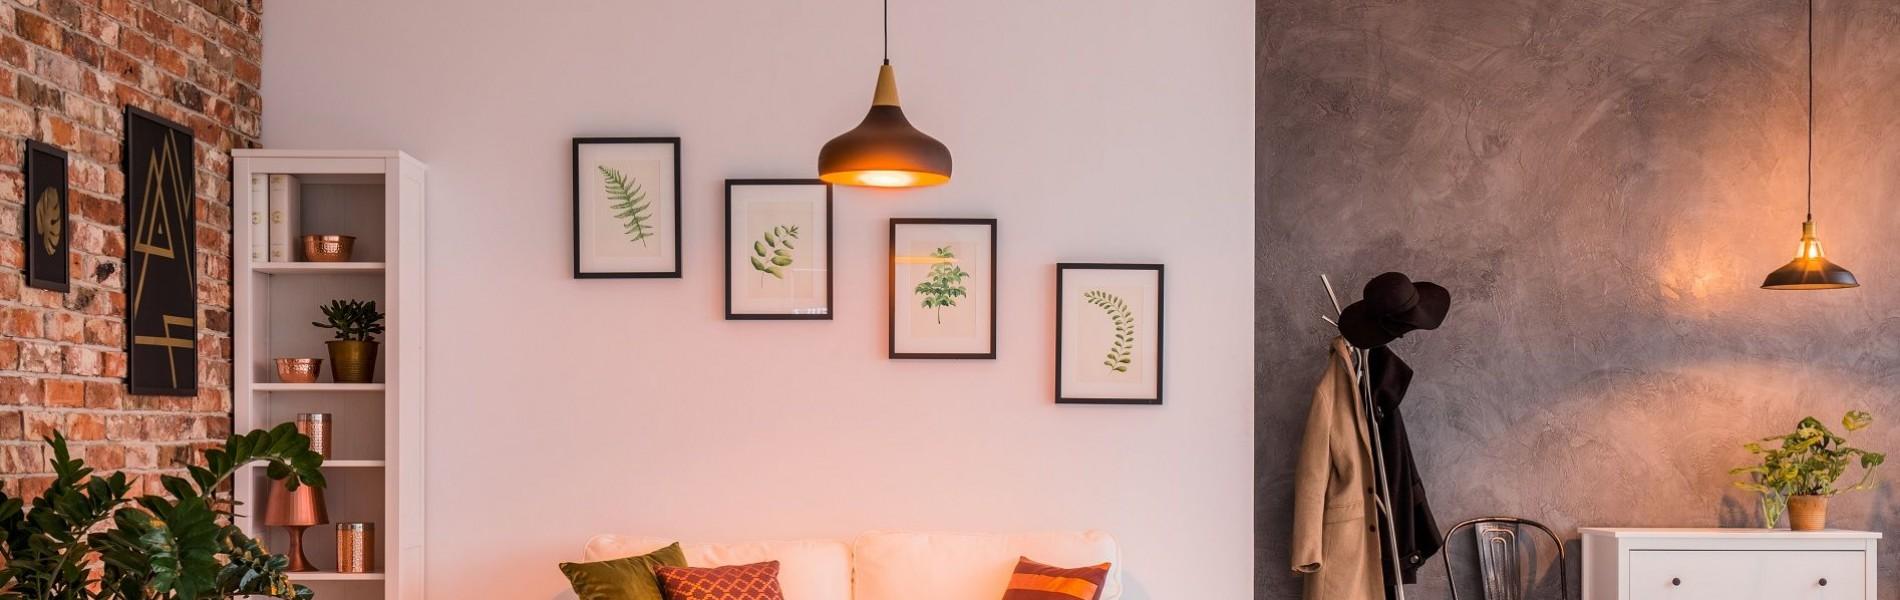 Coup de projecteur sur le luminaire : OK Service fixe et installe toutes vos lampes!